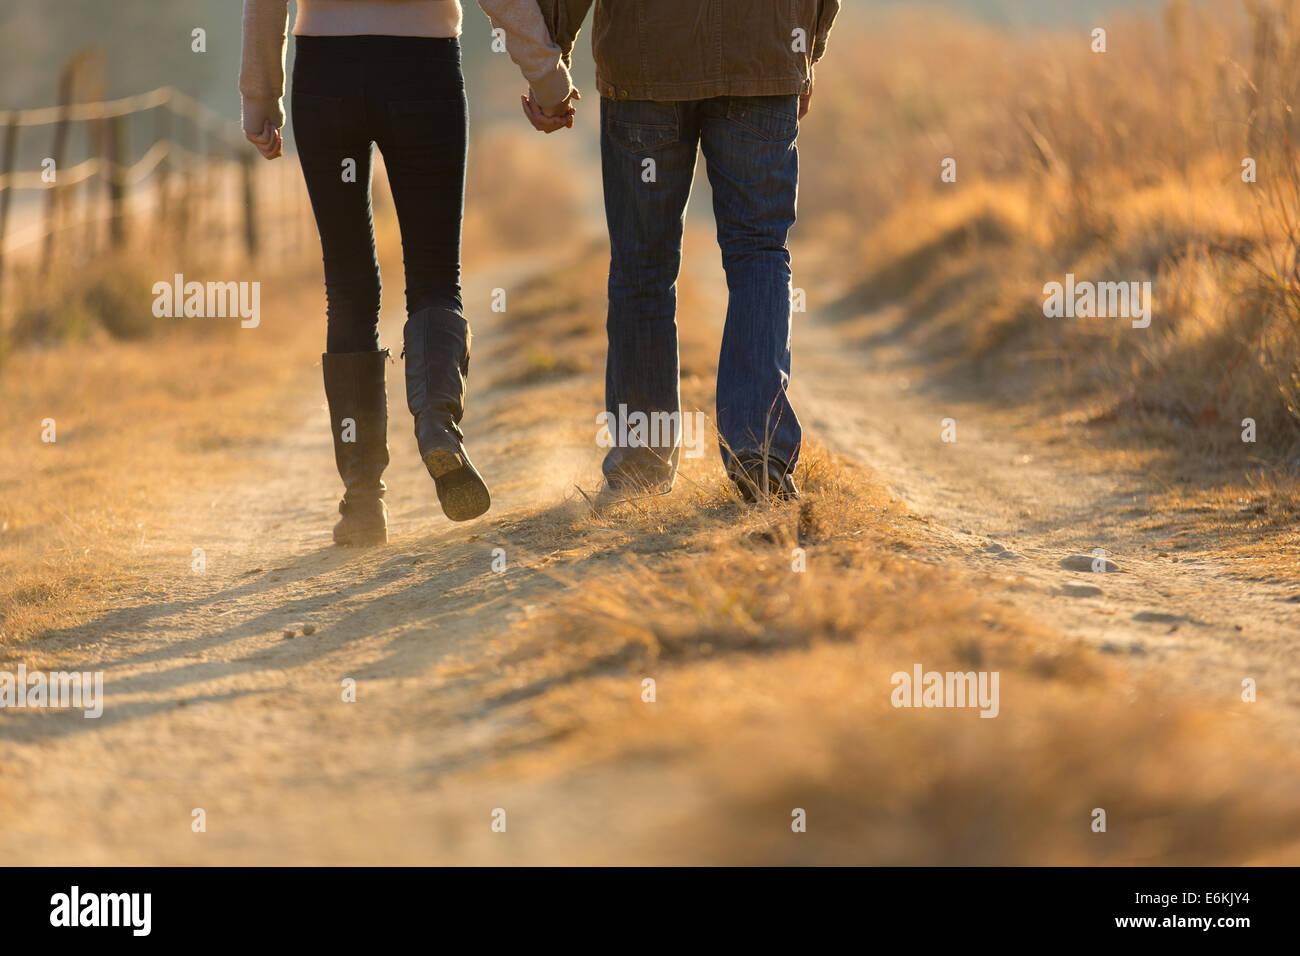 junges Paar Hand in Hand Herbst ländlichen Weg am Morgen zu gehen Stockfoto